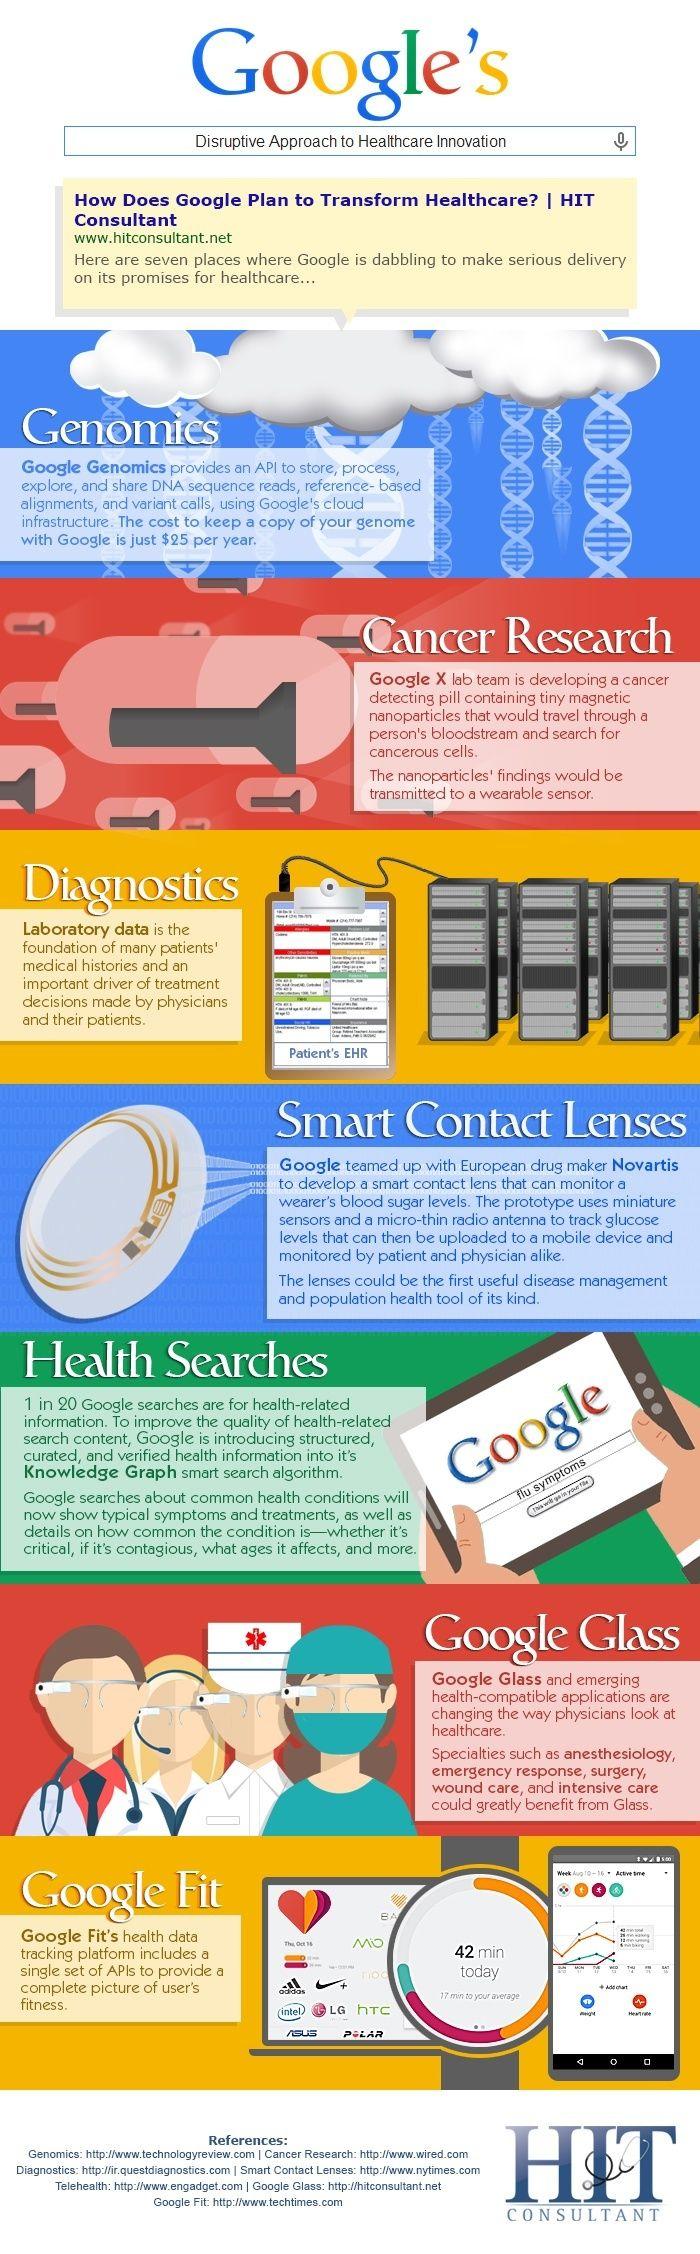 Les projets de google en matière de e-santé